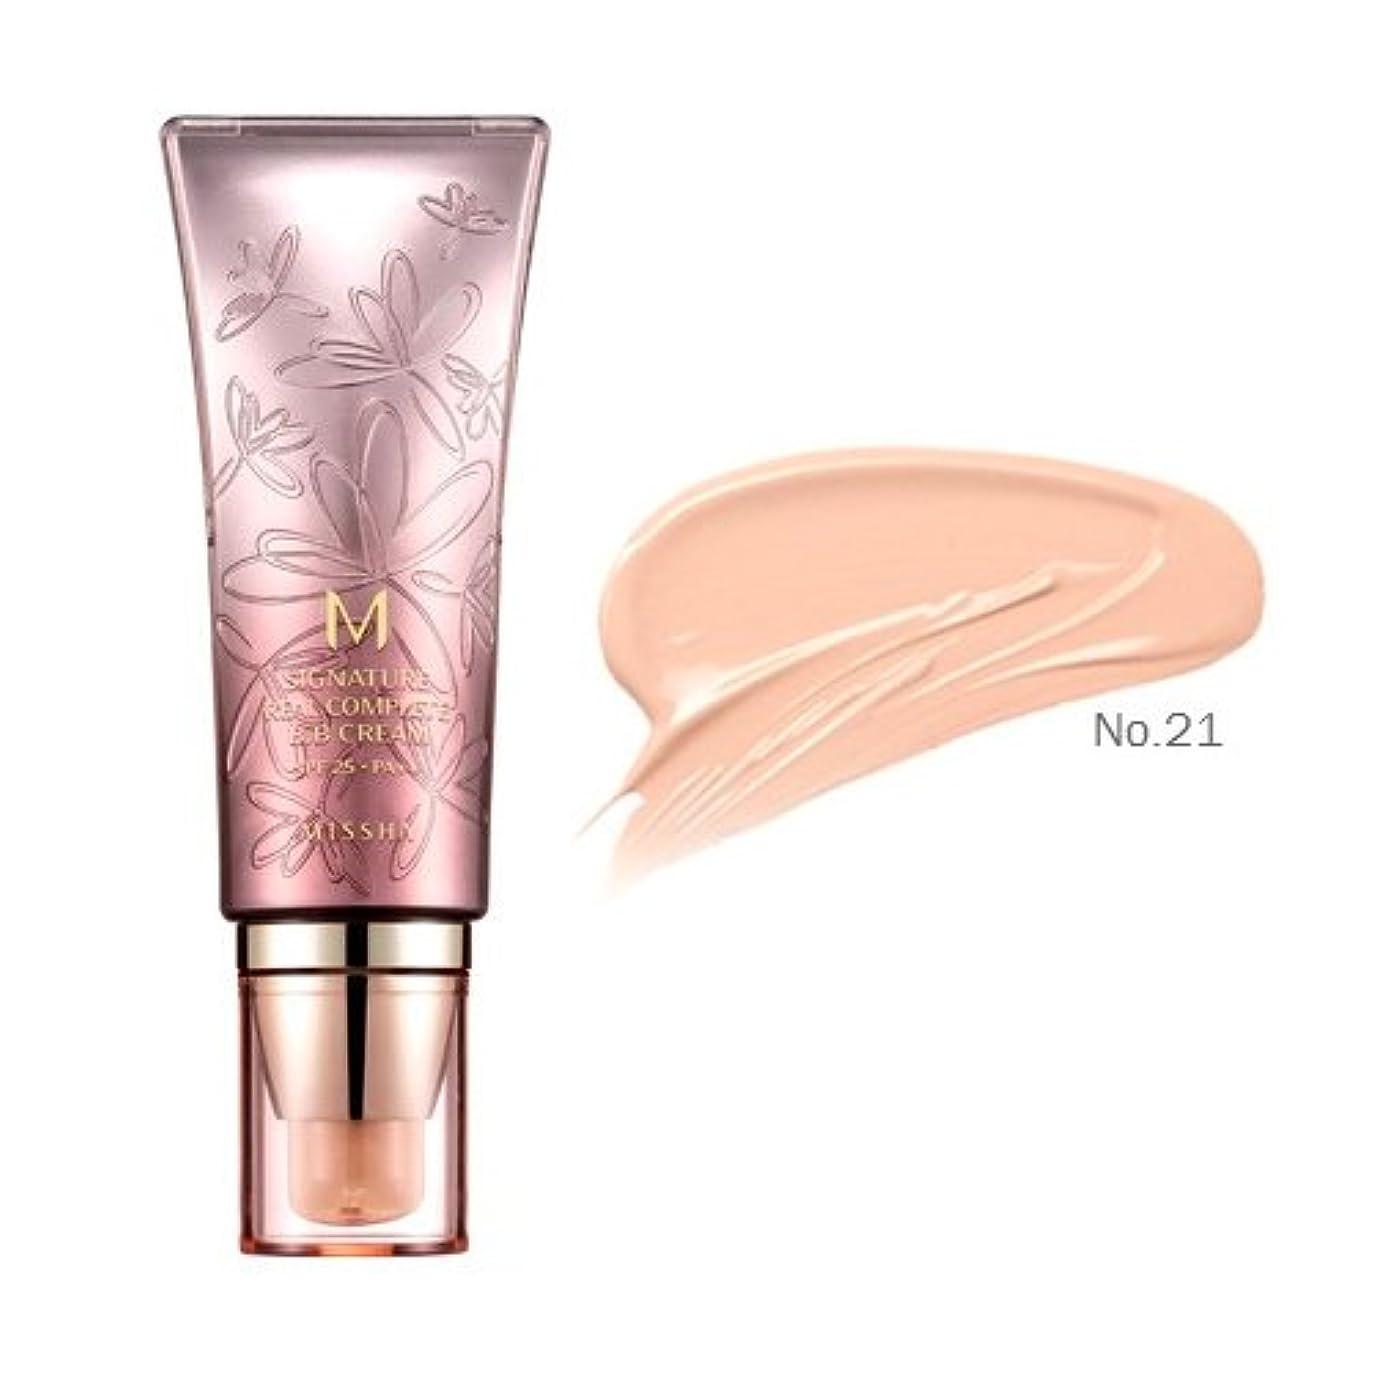 原子炉光防ぐ(6 Pack) MISSHA M Signature Real Complete B.B Cream SPF 25 PA++ No. 21 Light Pink Beige (並行輸入品)